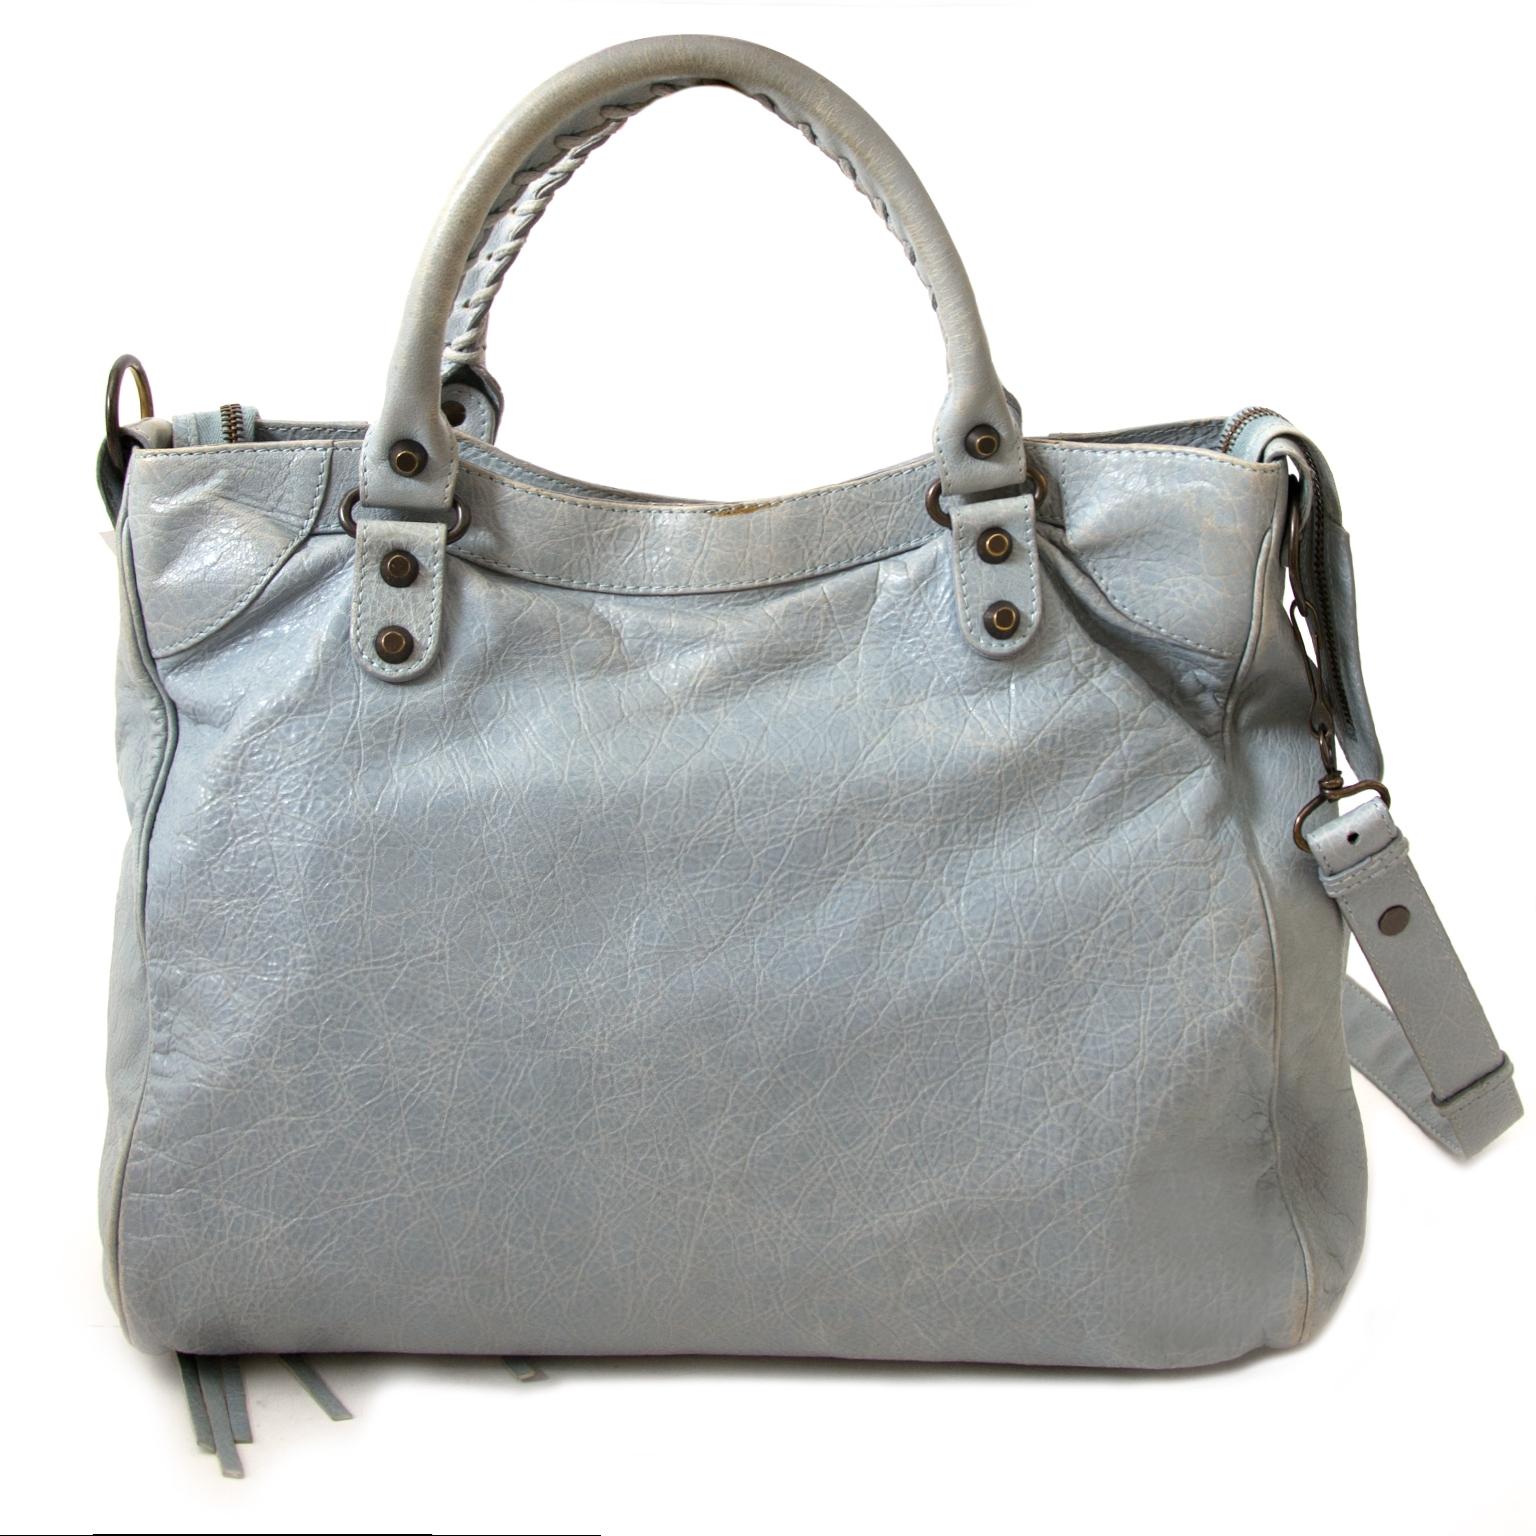 koop authentieke balenciaga velo tassen bij labellov vintage mode webshop